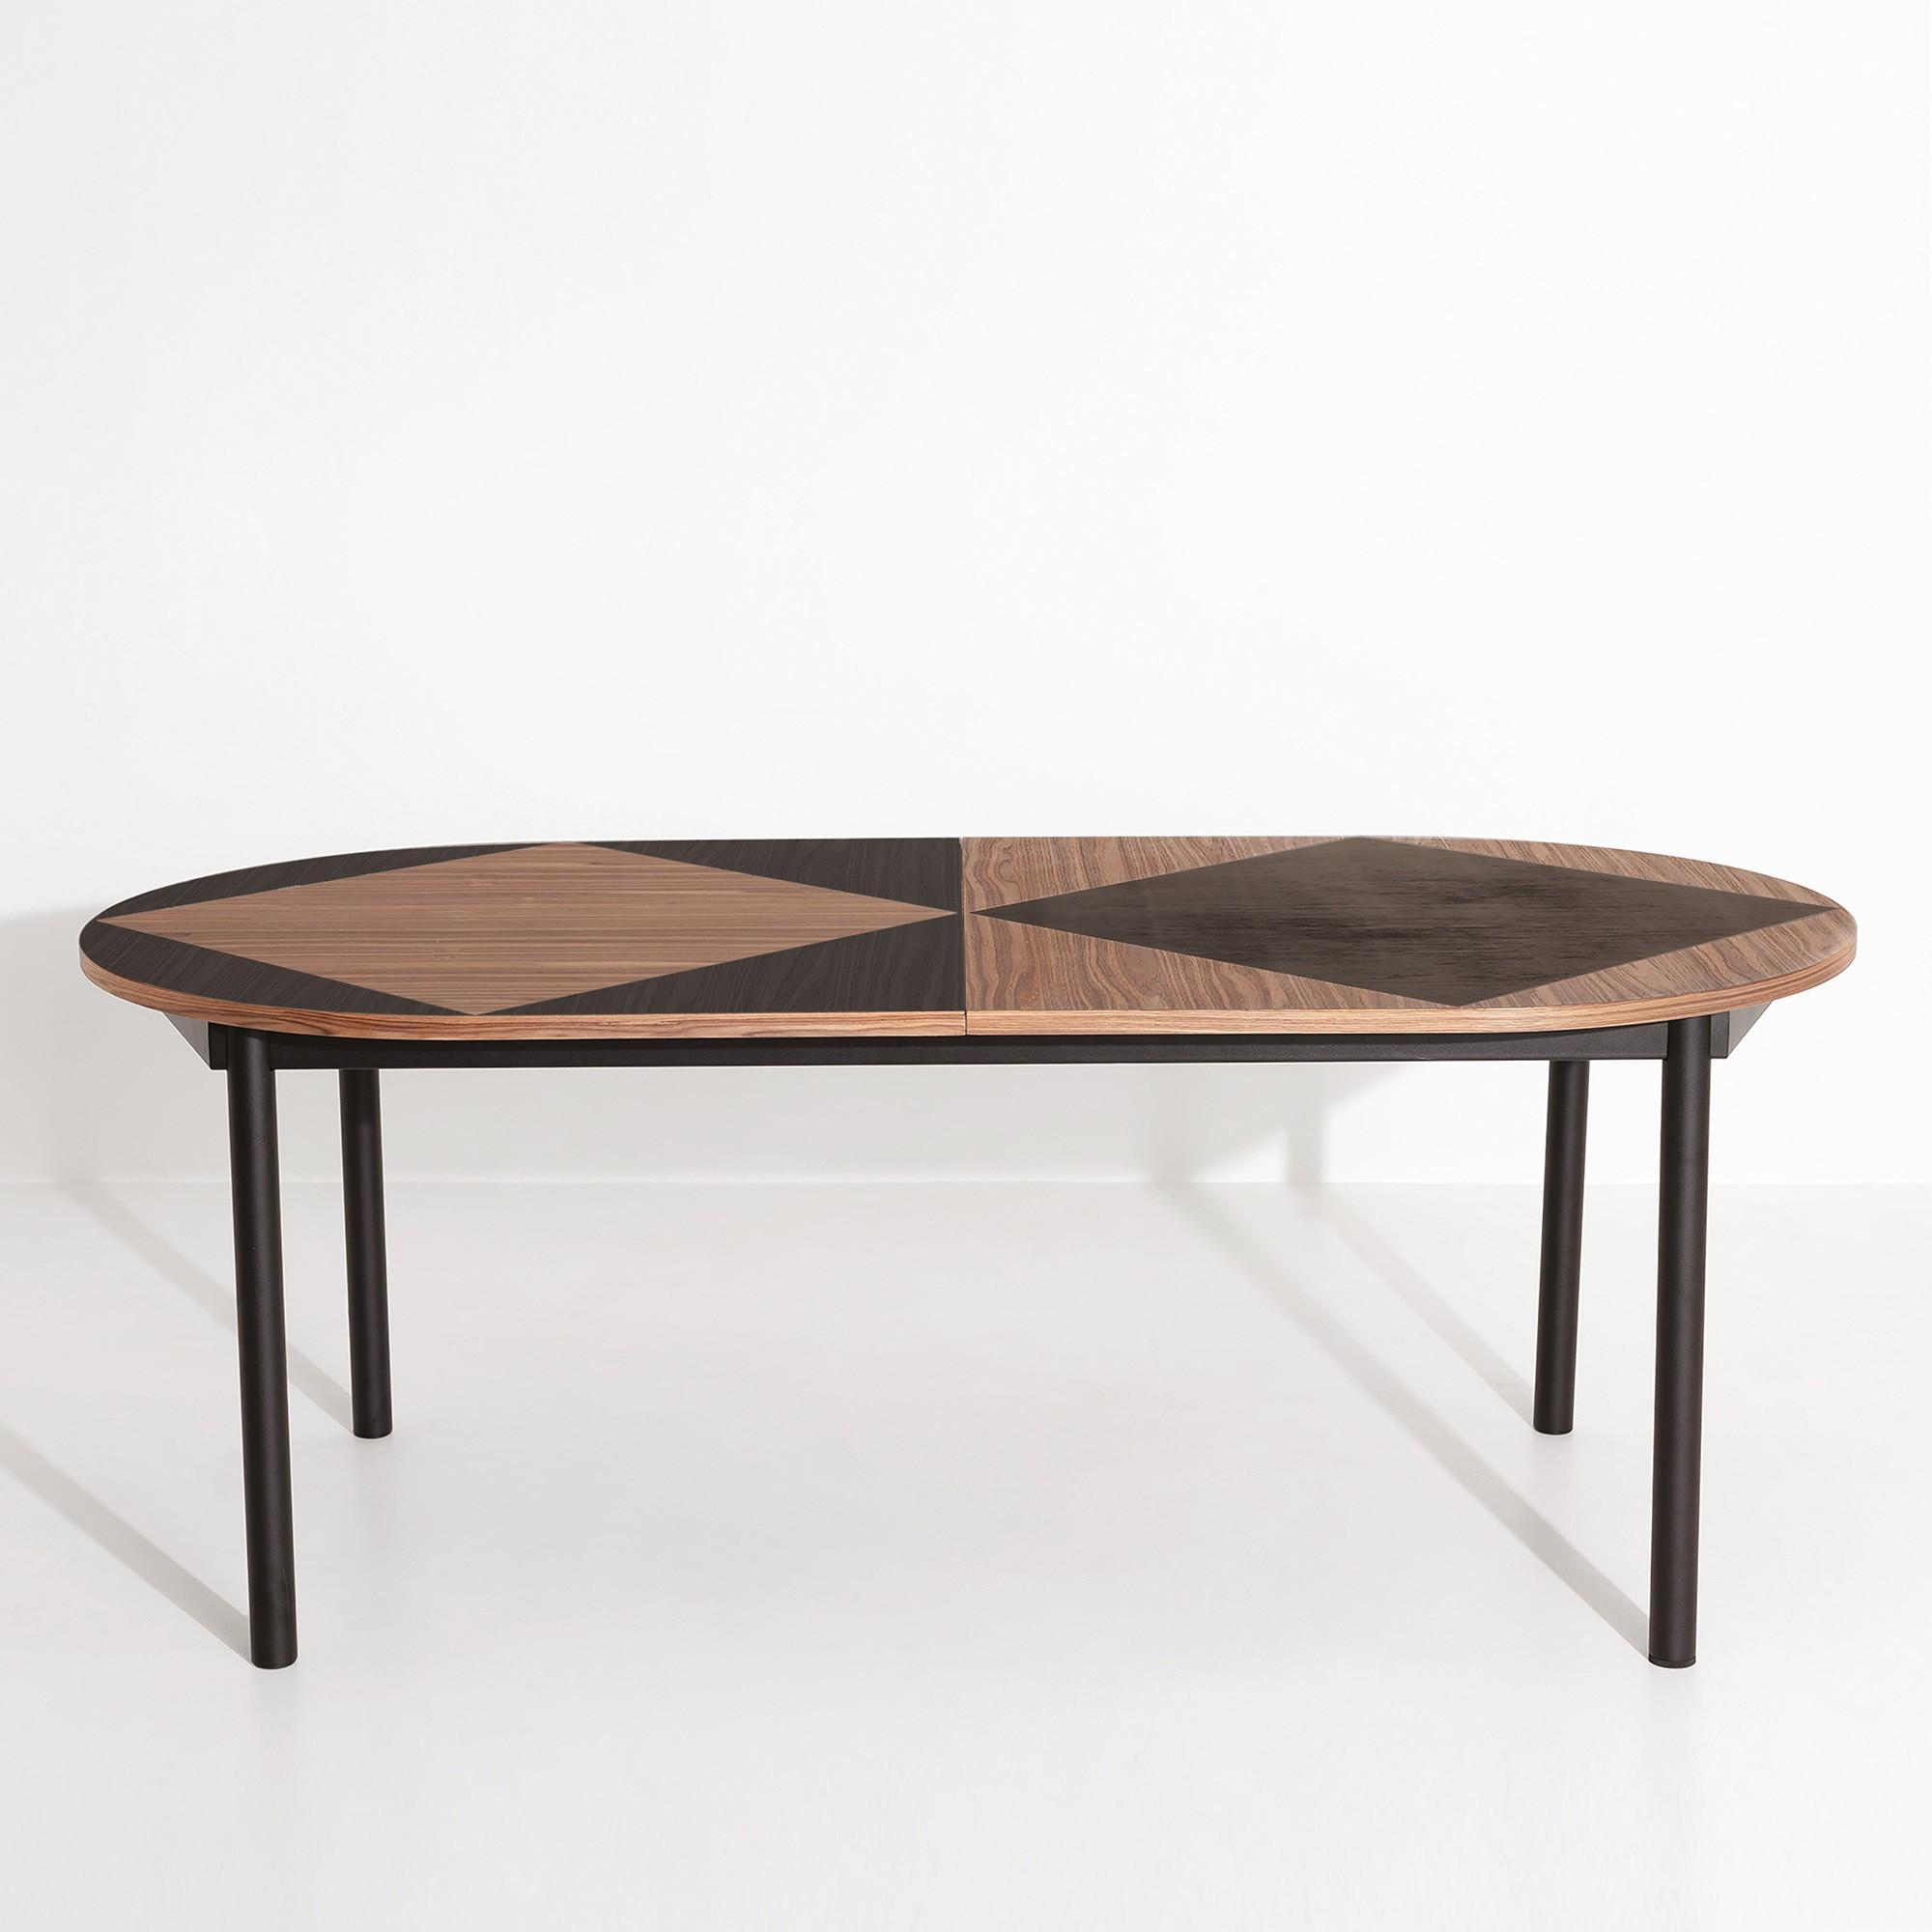 tavla oval table 200x100cm extendable